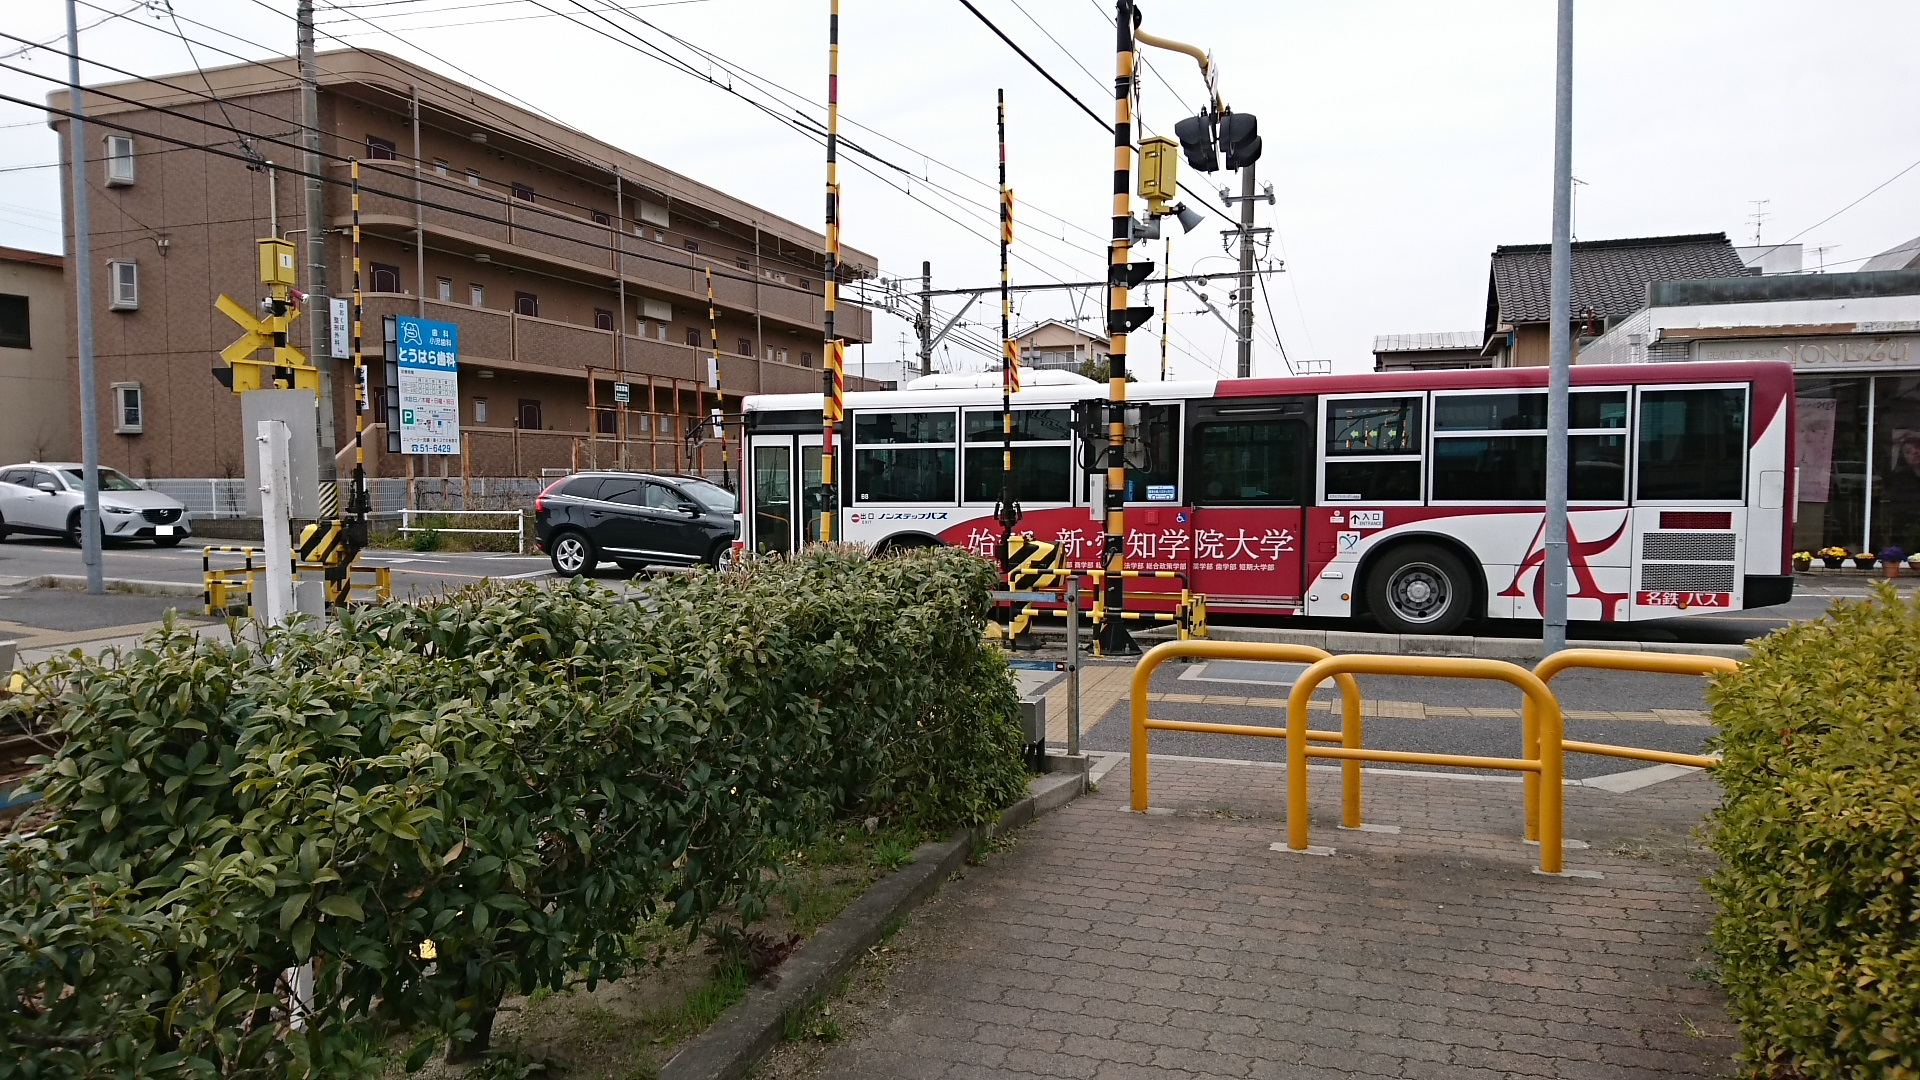 2017.3.18 古井から美合まで (29) 美合にしふみきり - 名鉄バス 1920-1080